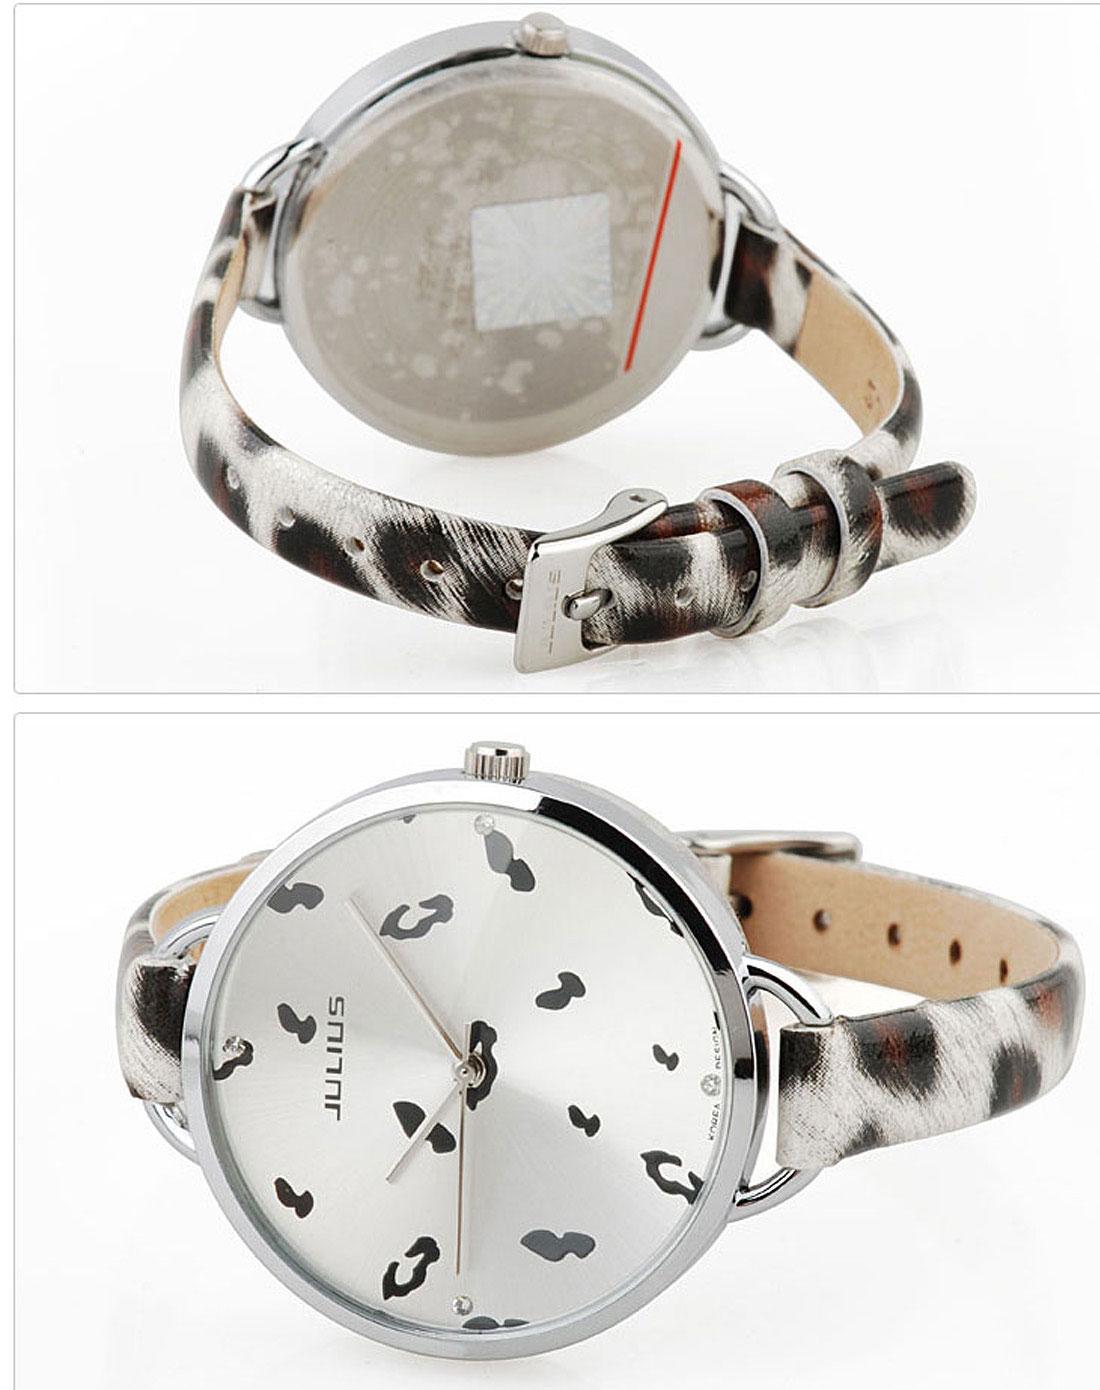 聚利时julius手表专场女款白盘豹纹白表带时尚手表